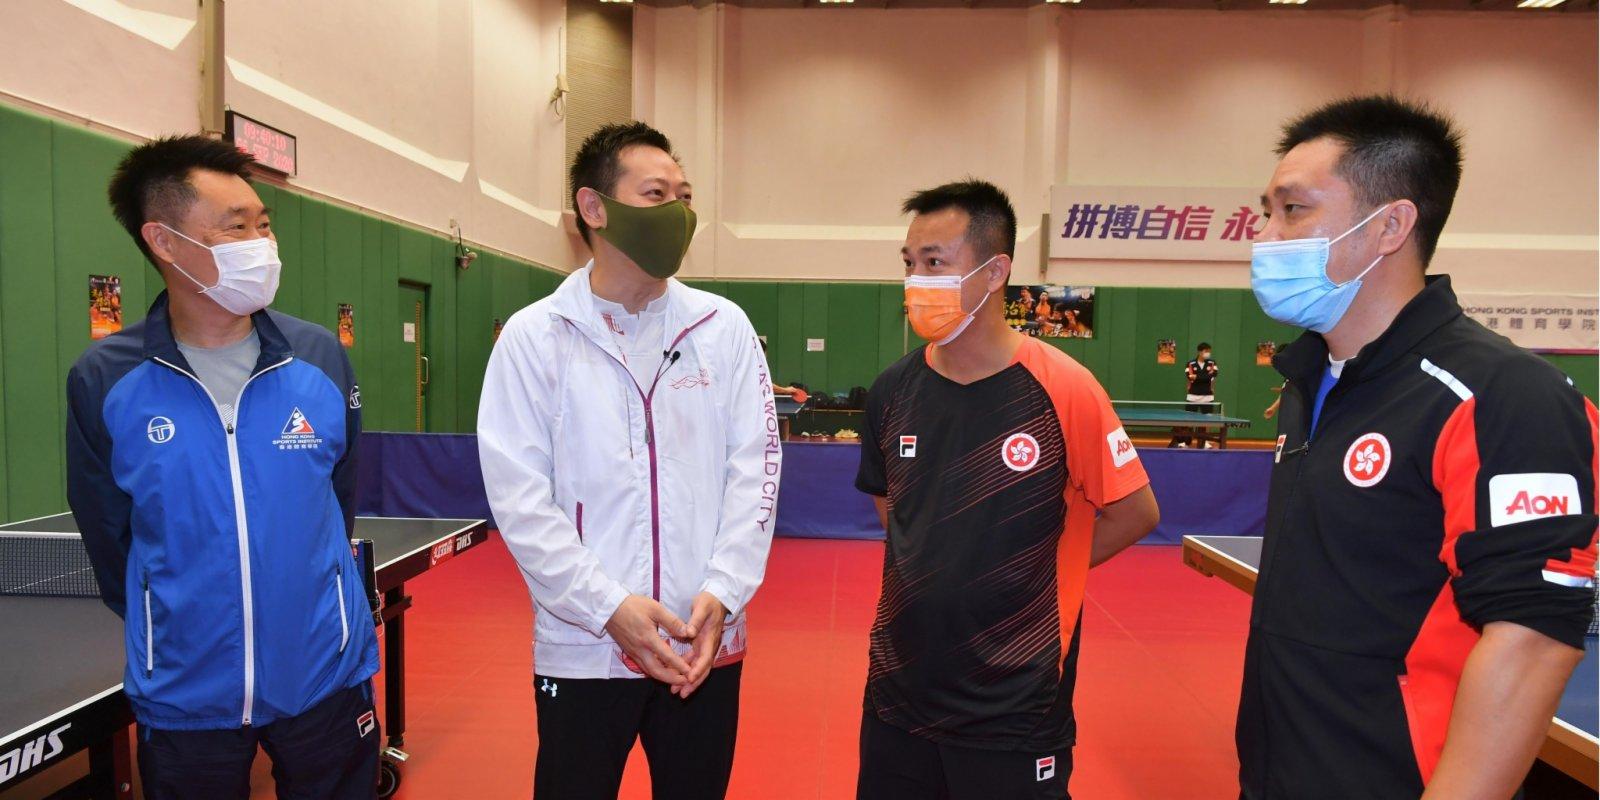 香港乒乓球隊北上練習 提升狀態備戰奧運